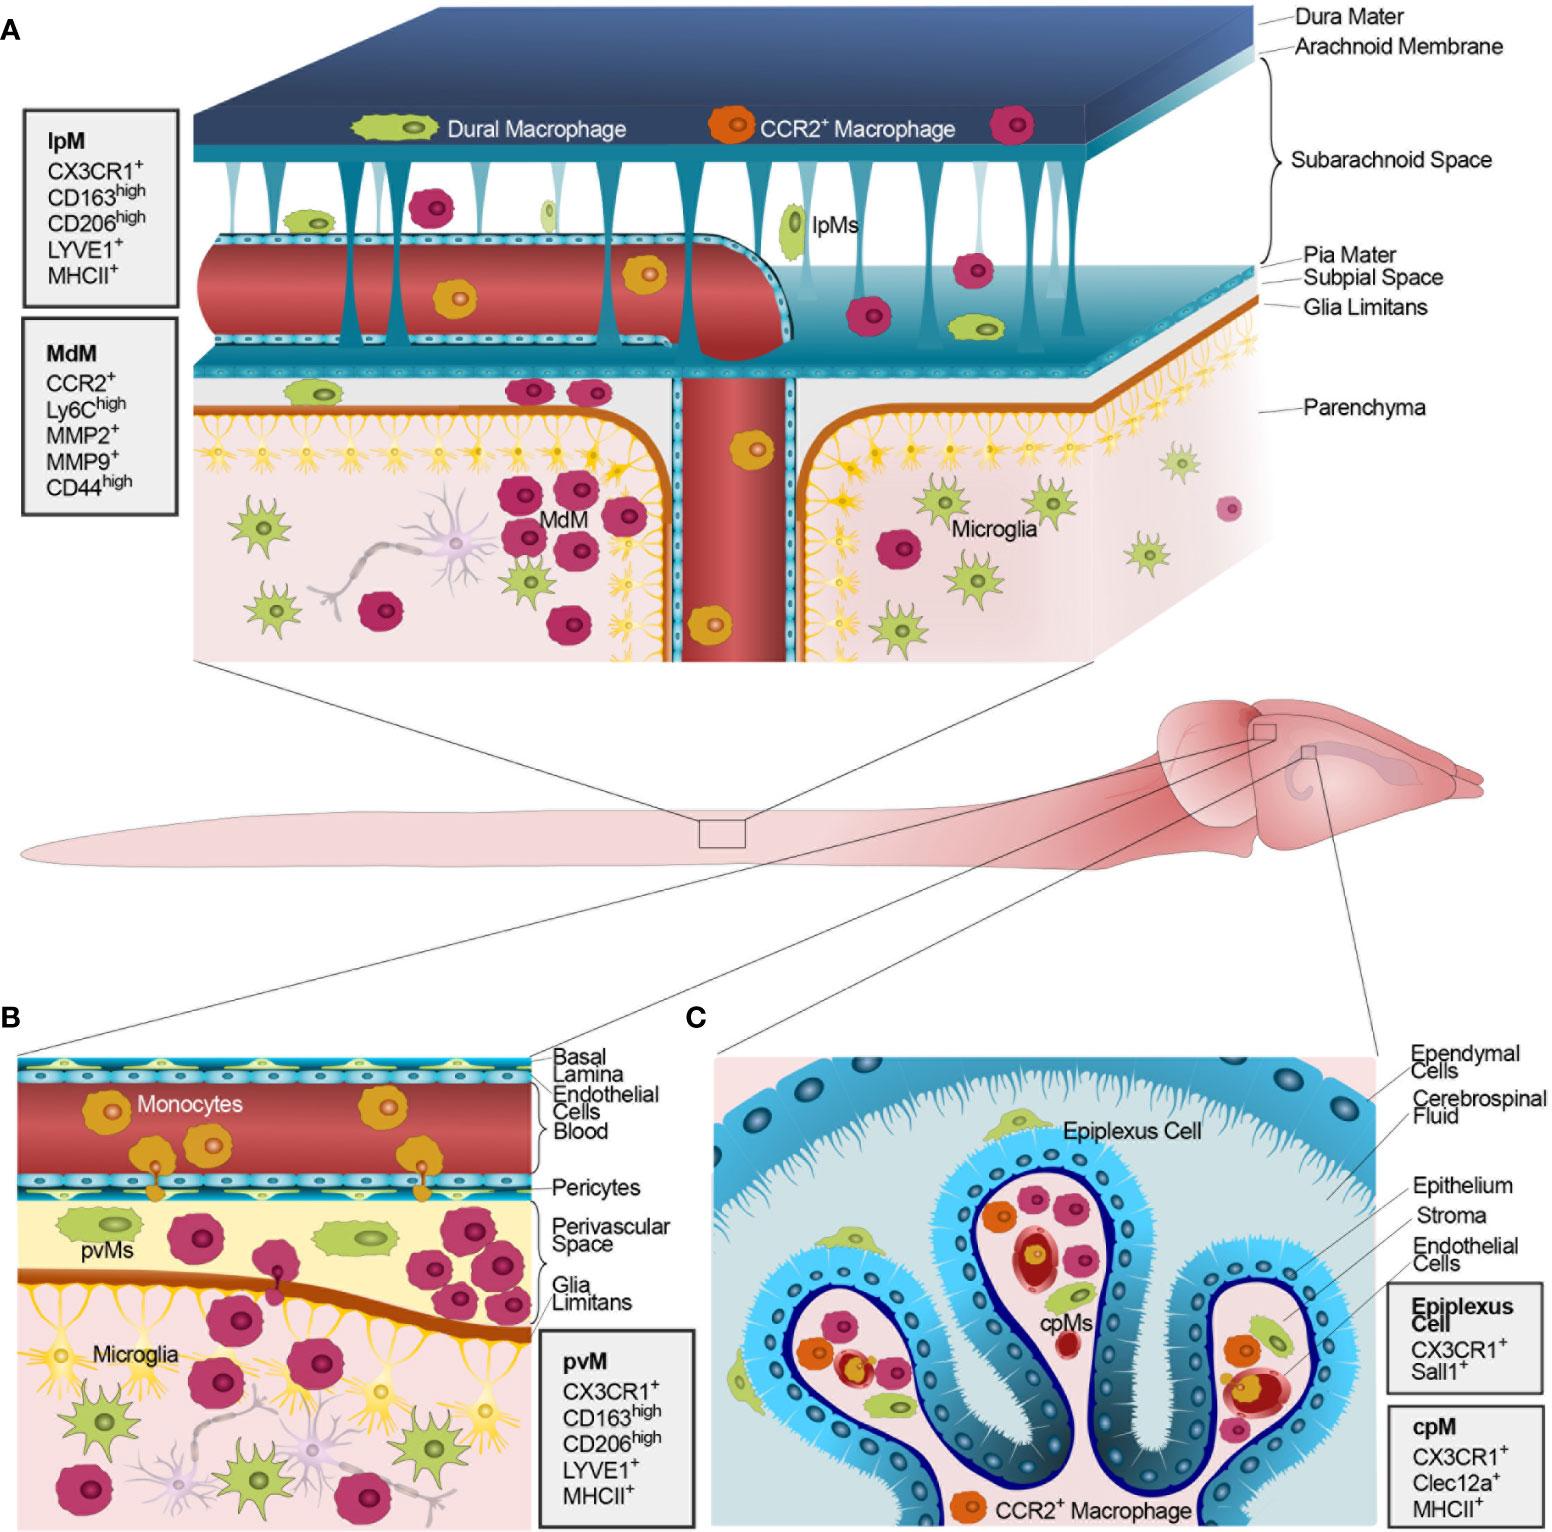 Doppel Herz Chondroitiin ja glukoosamiin Osta